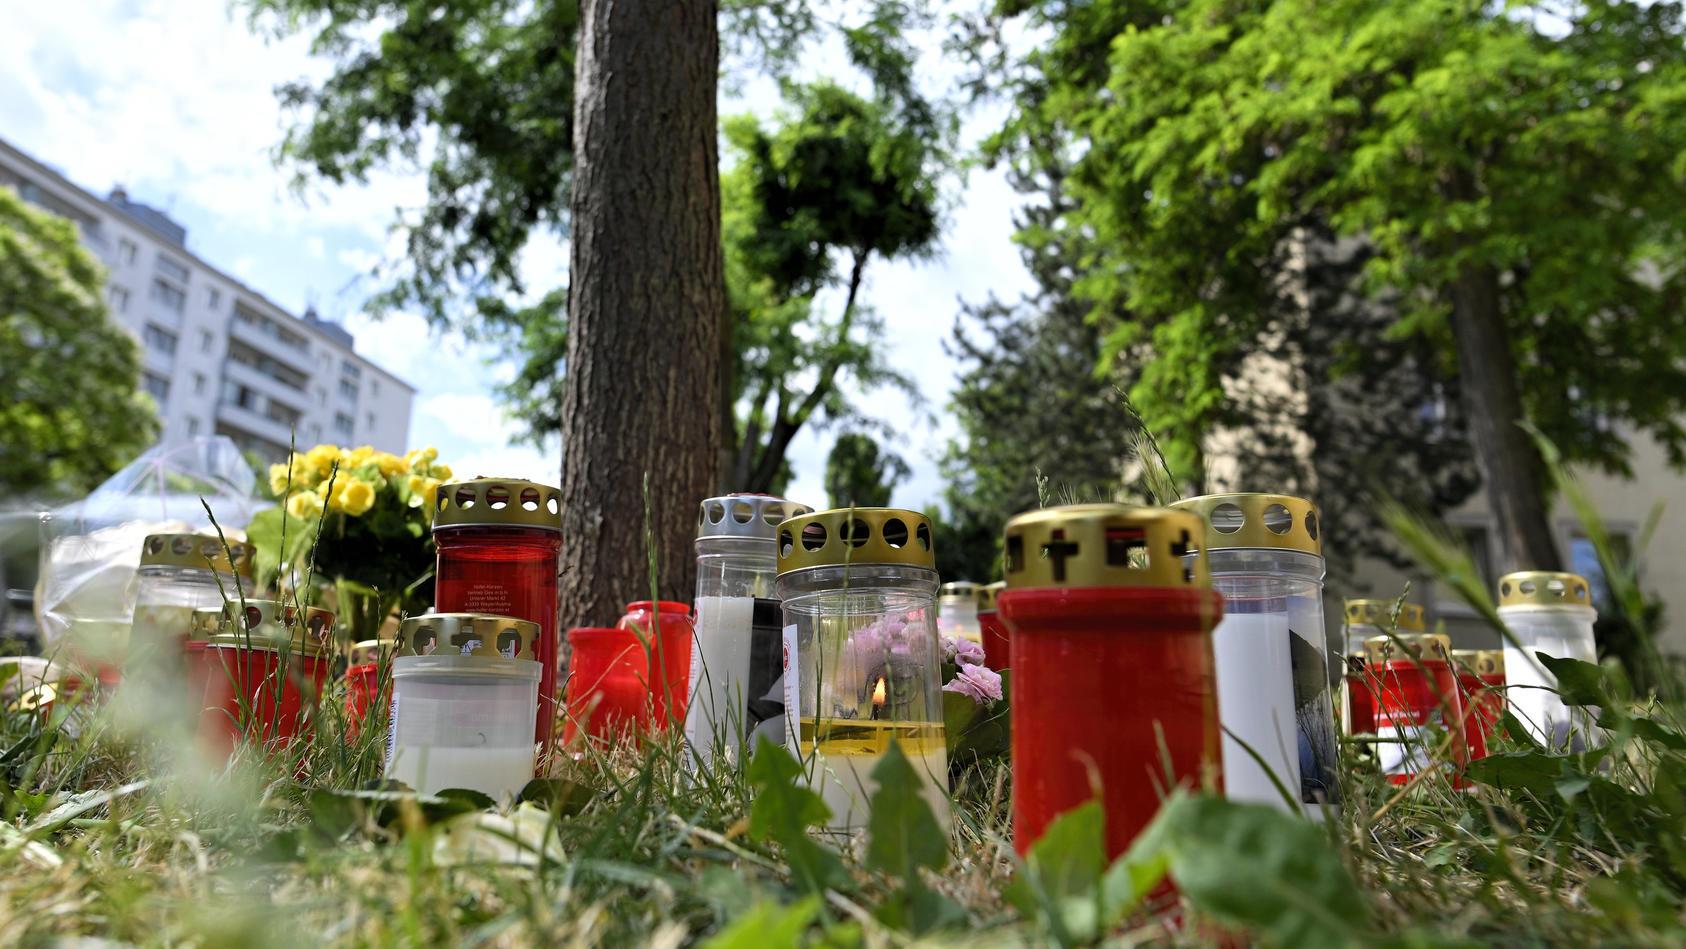 Nach Fund der Leiche einer 13-Jährigen in Wien stellen Trauernde Blumen und Kerzen auf.